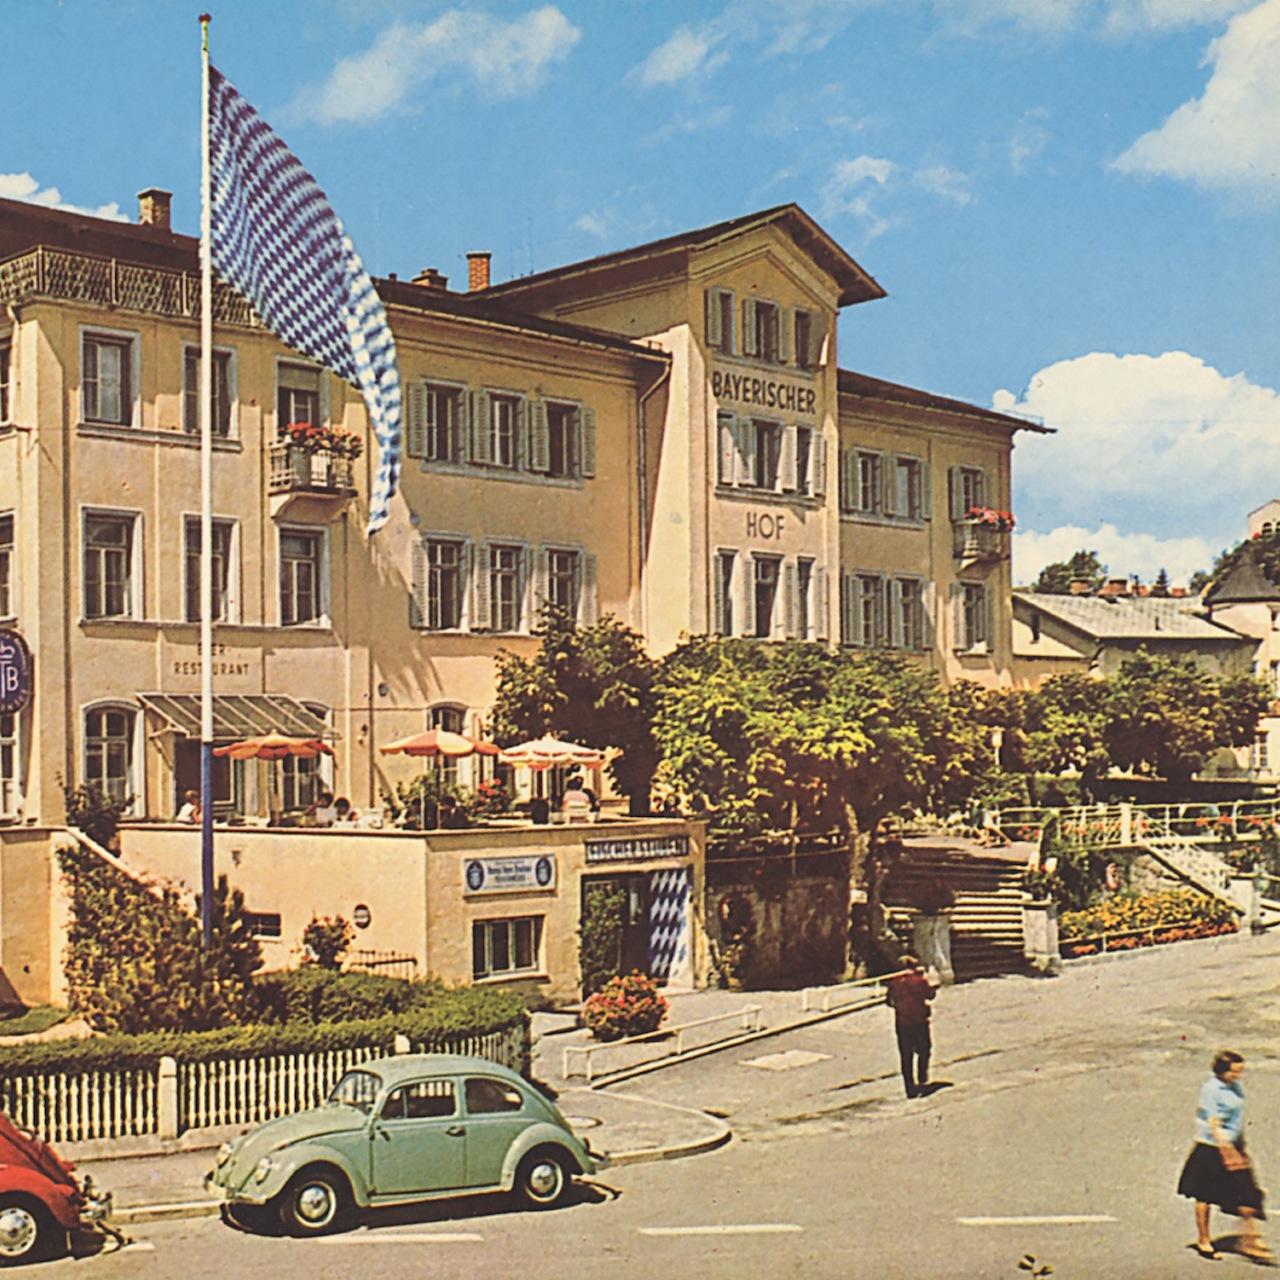 Starnberg Hotel Bayerischer Hof